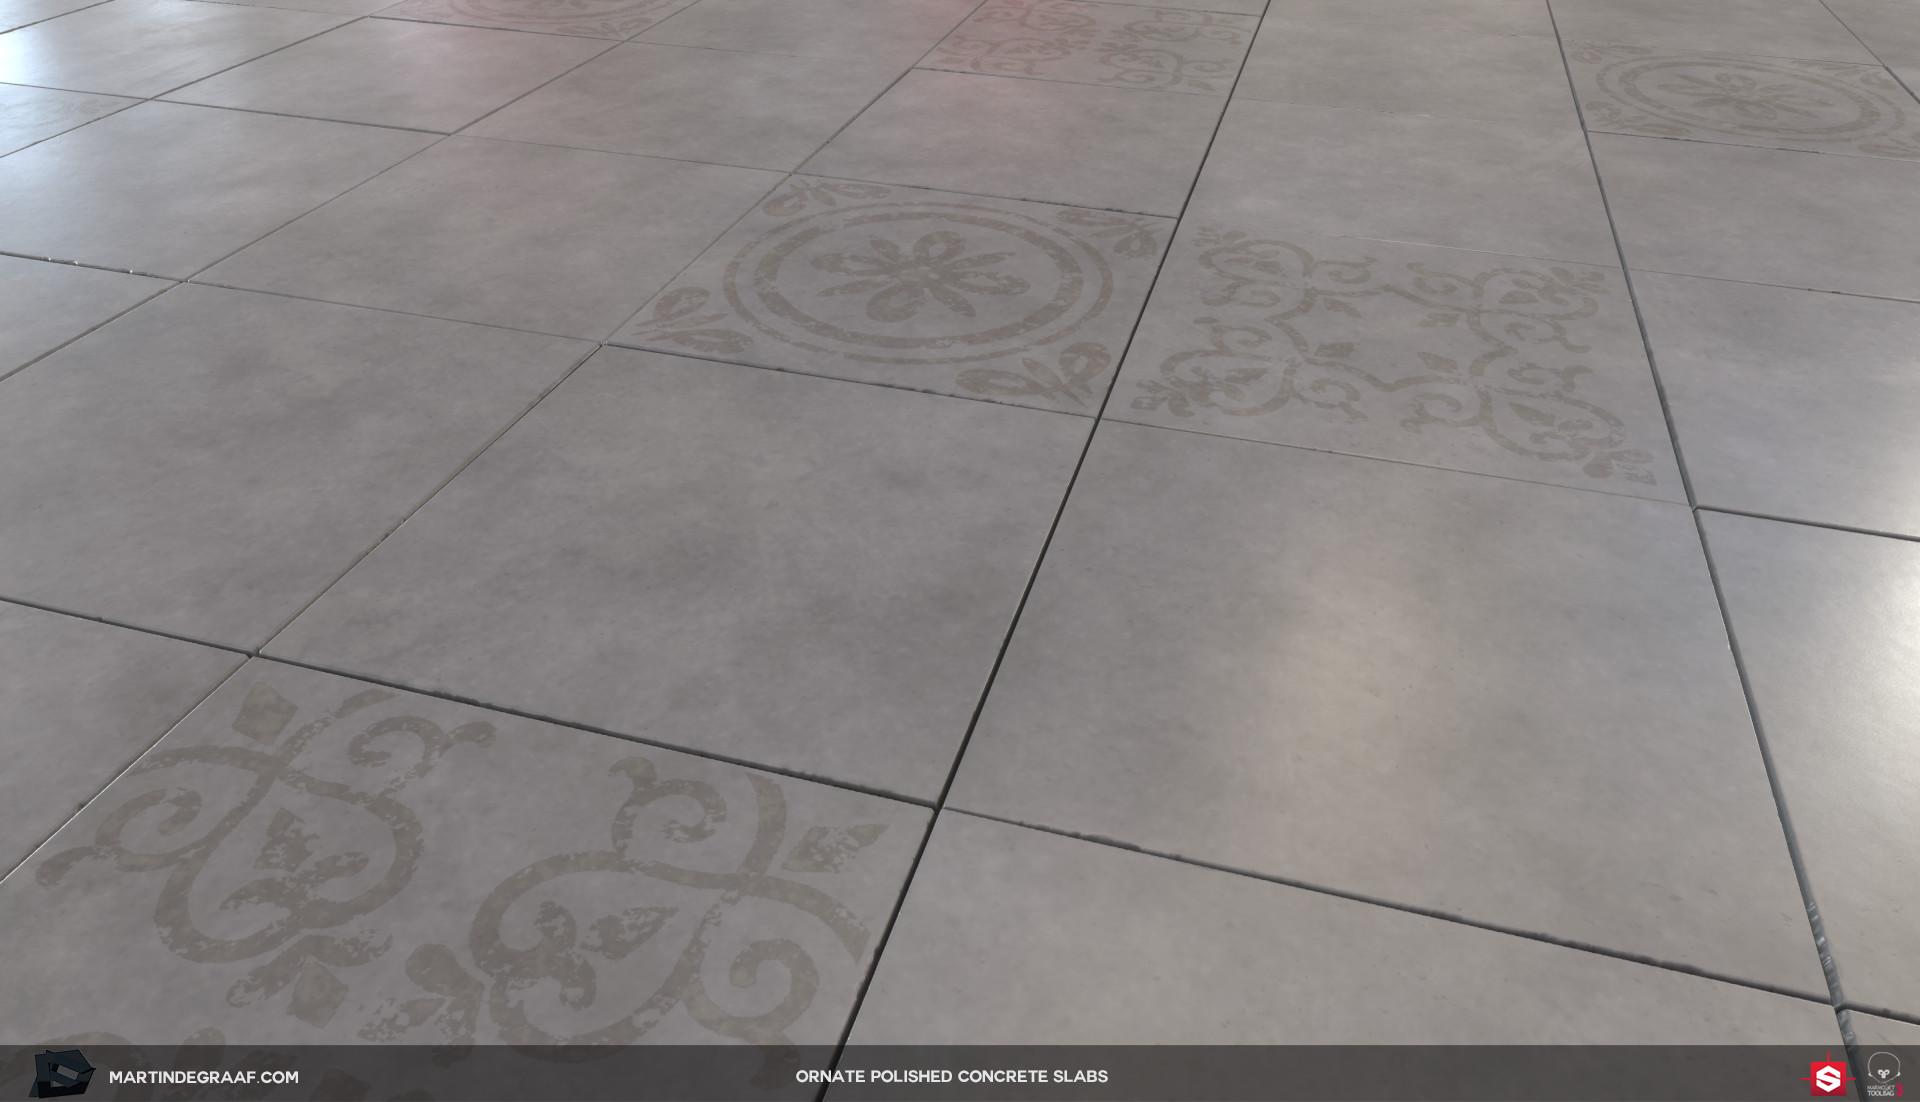 Martin de graaf ornate polished concrete slabs substance plane martin de graaf 2017